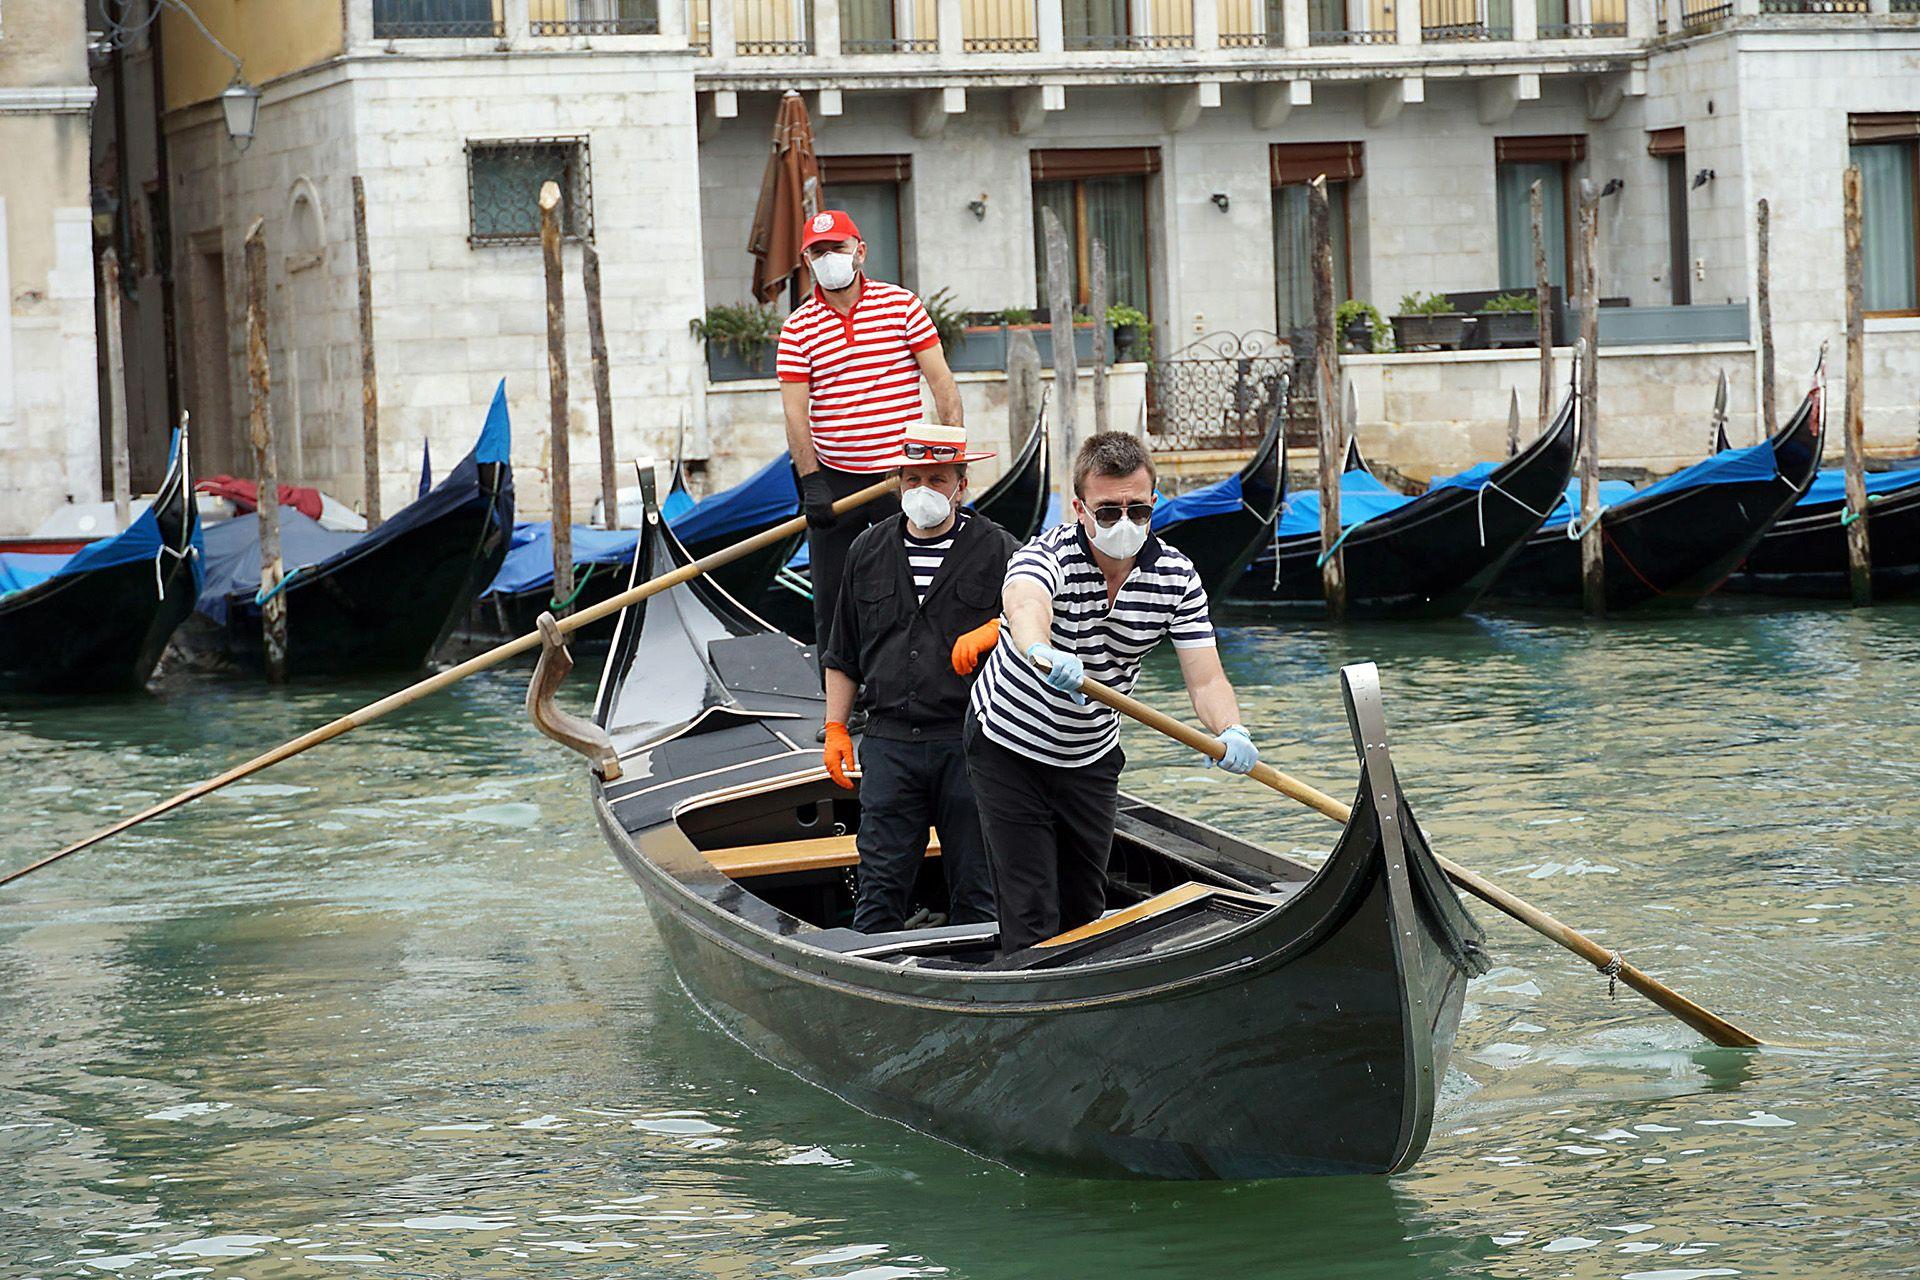 Védőmaszkos gondolások Velencében